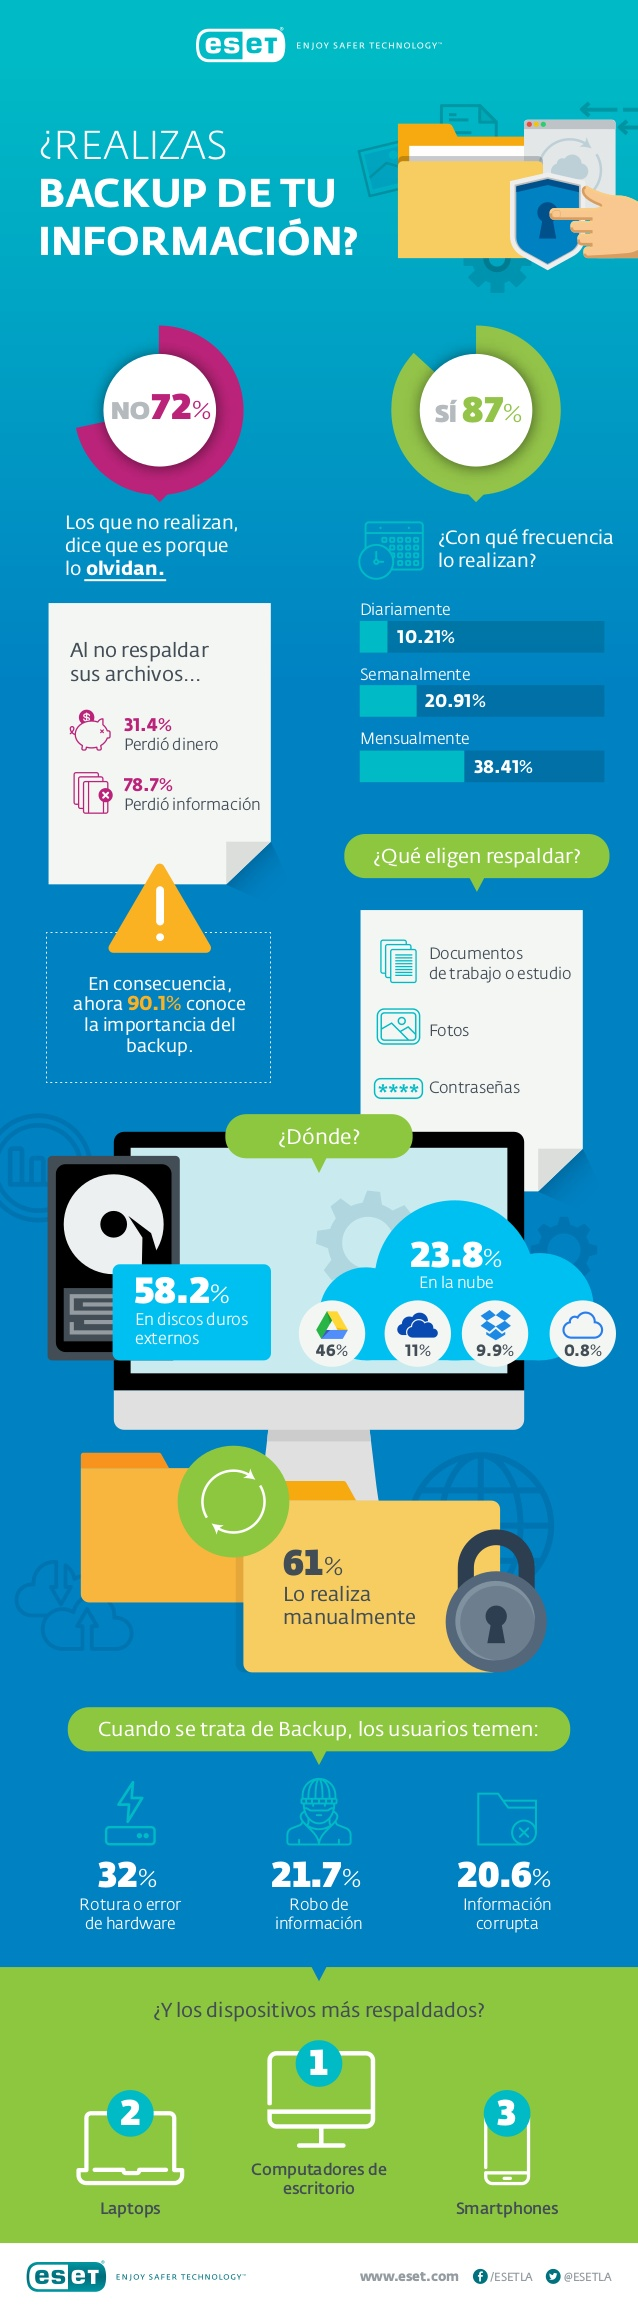 ¿Haces copias de seguridad de tus datos?